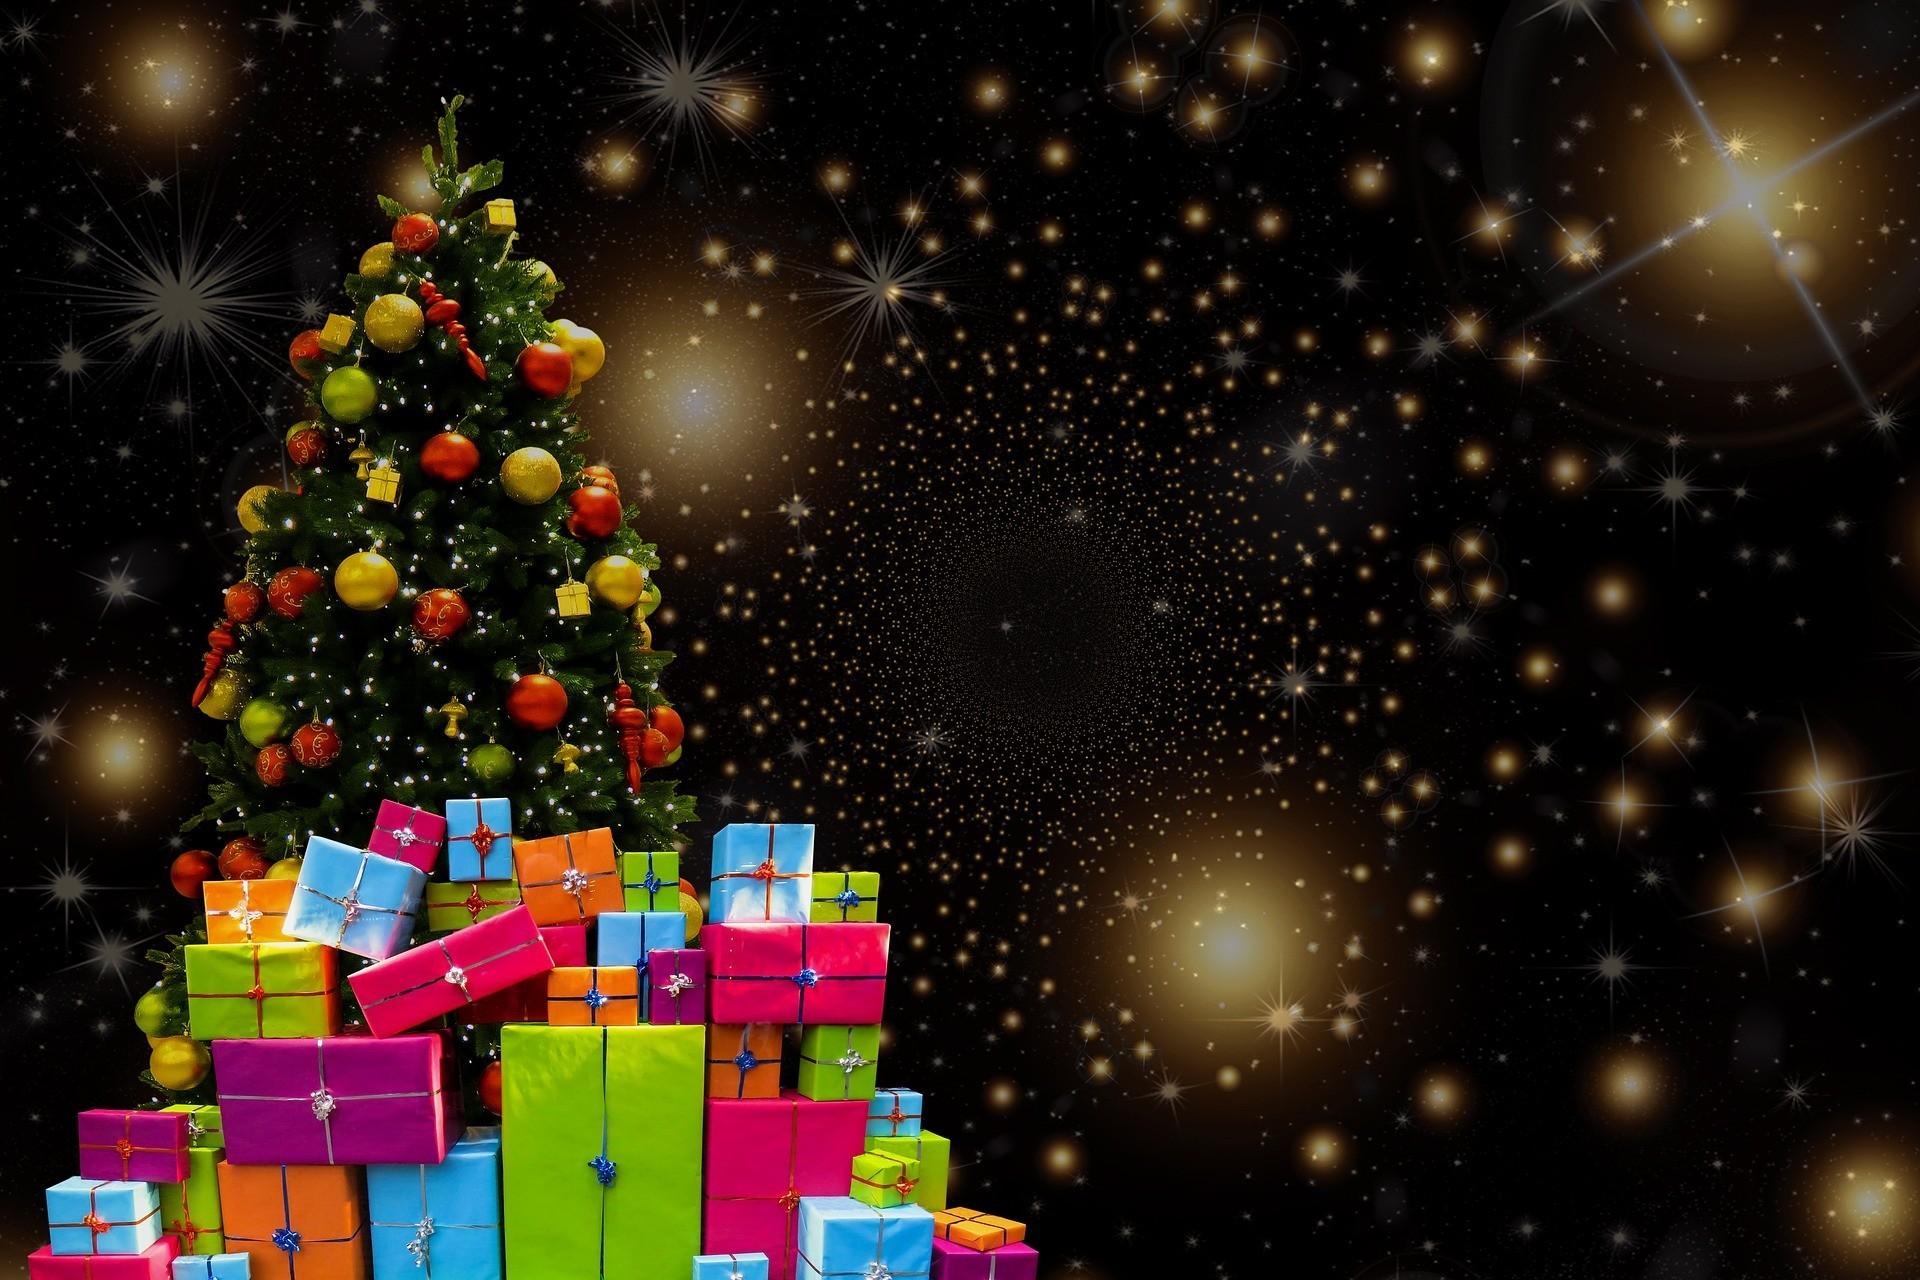 cadeaux-au-pied-du-sapin-noel-idee-deco-gratuite